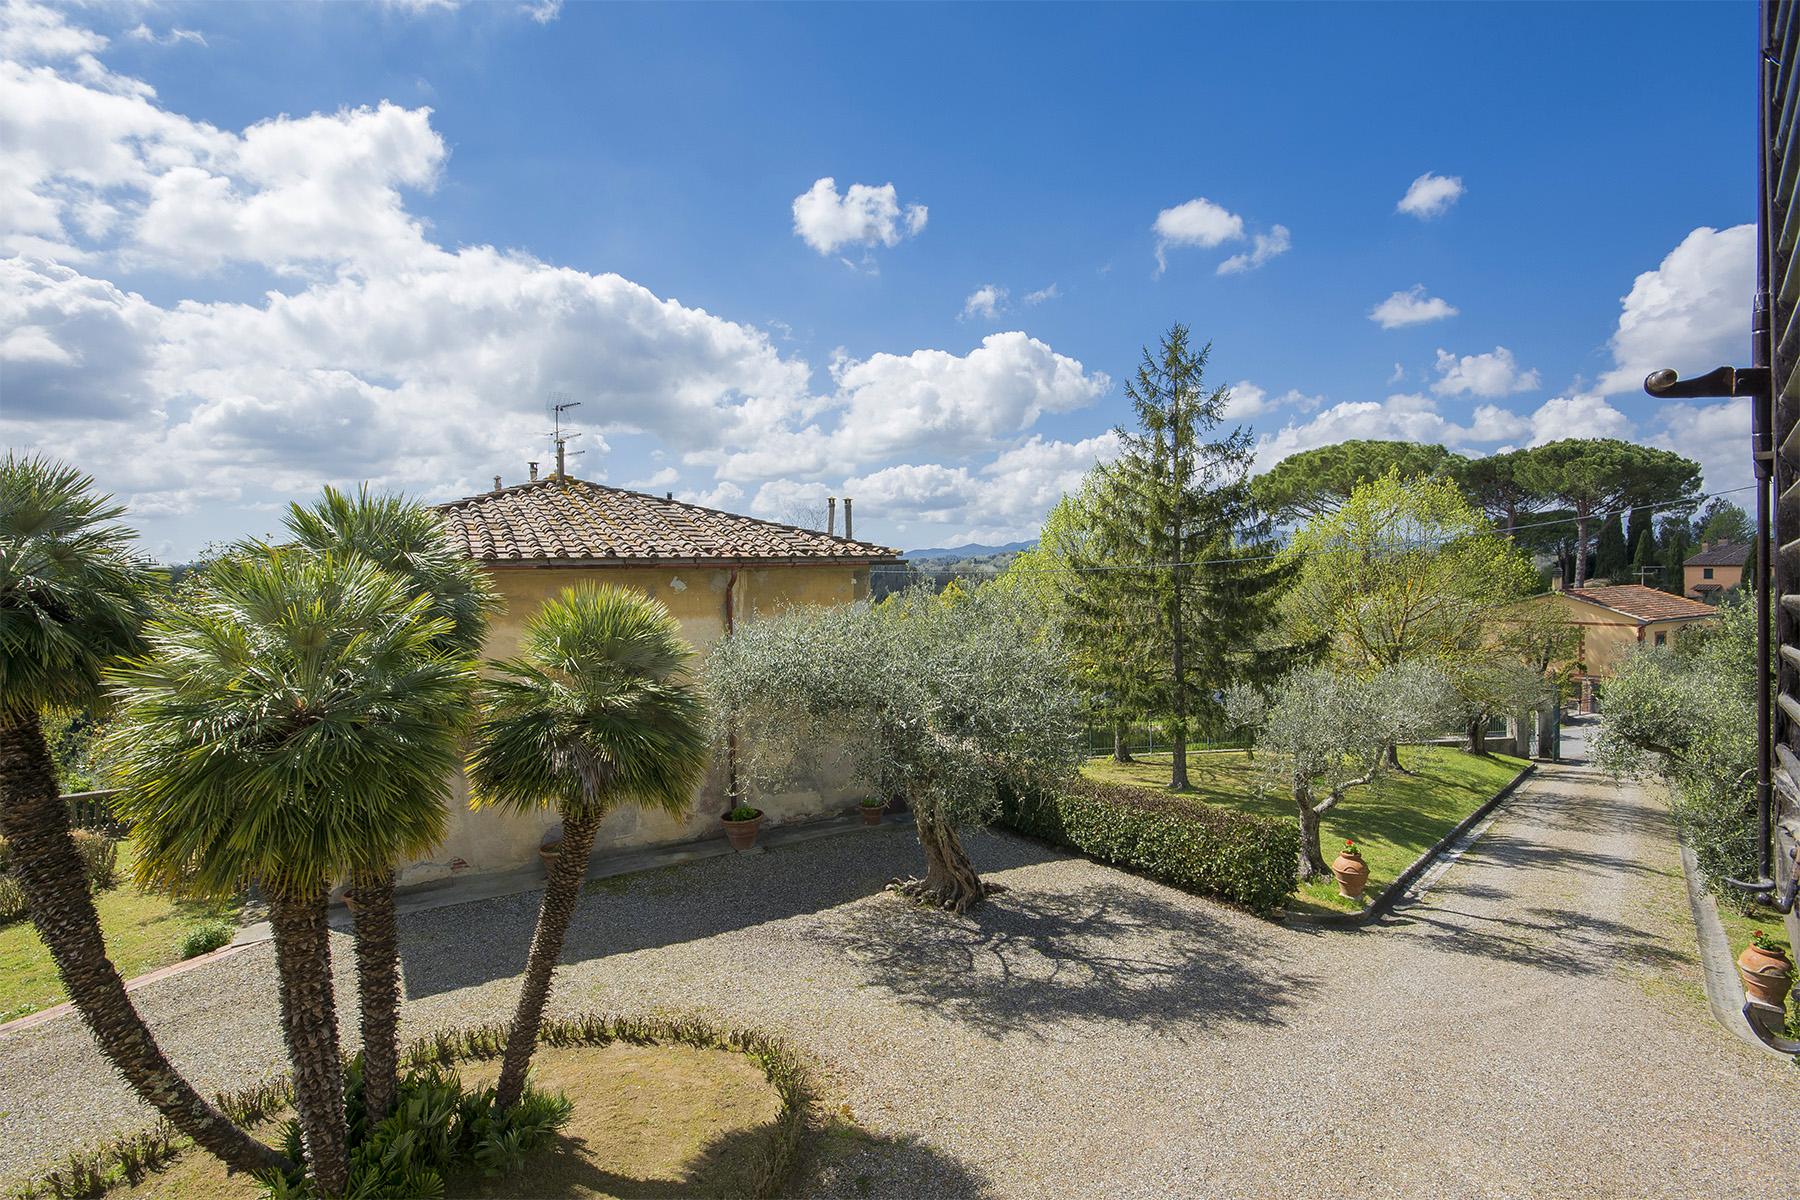 Villa in Vendita a Crespina Lorenzana: 5 locali, 900 mq - Foto 25